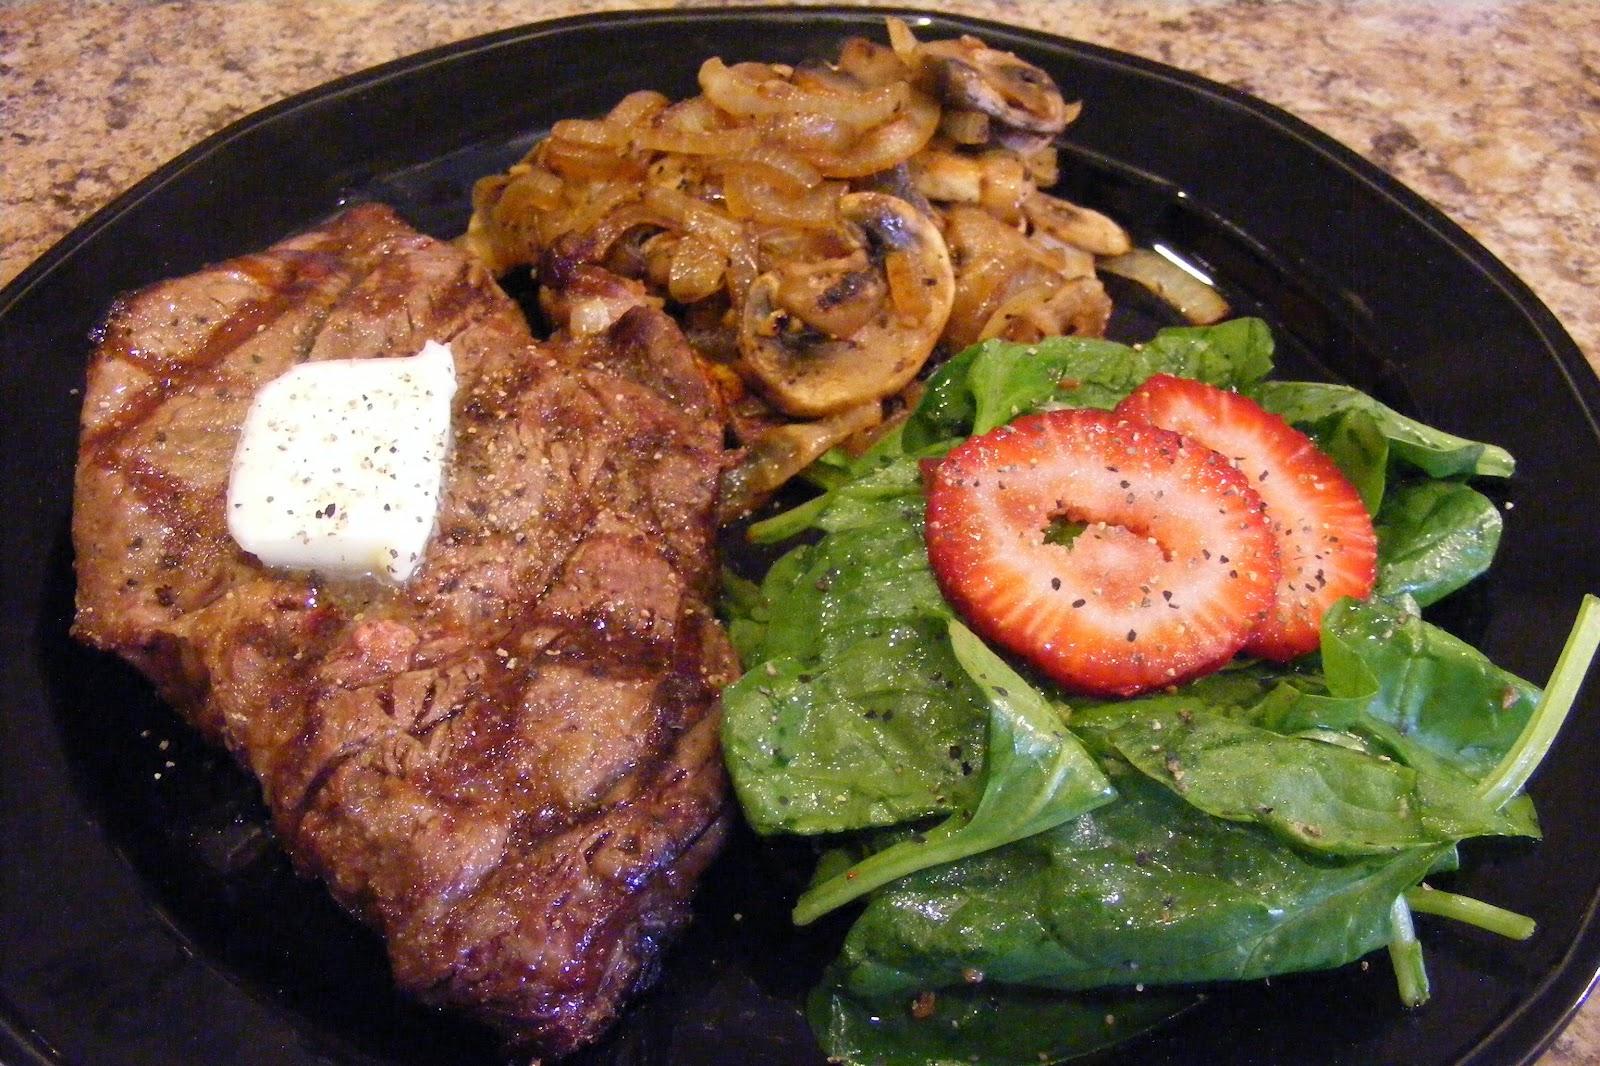 images of steak dinner - photo #13